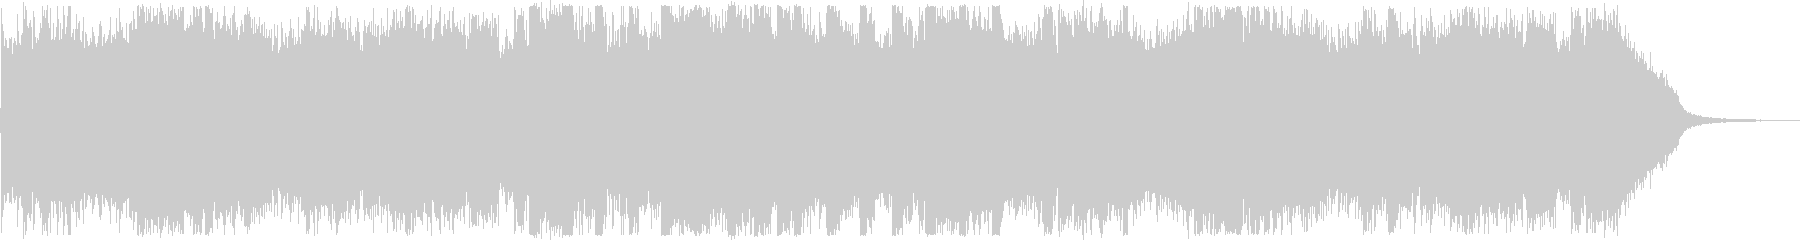 オープニング・おしゃれフューチャーベースの未再生の波形